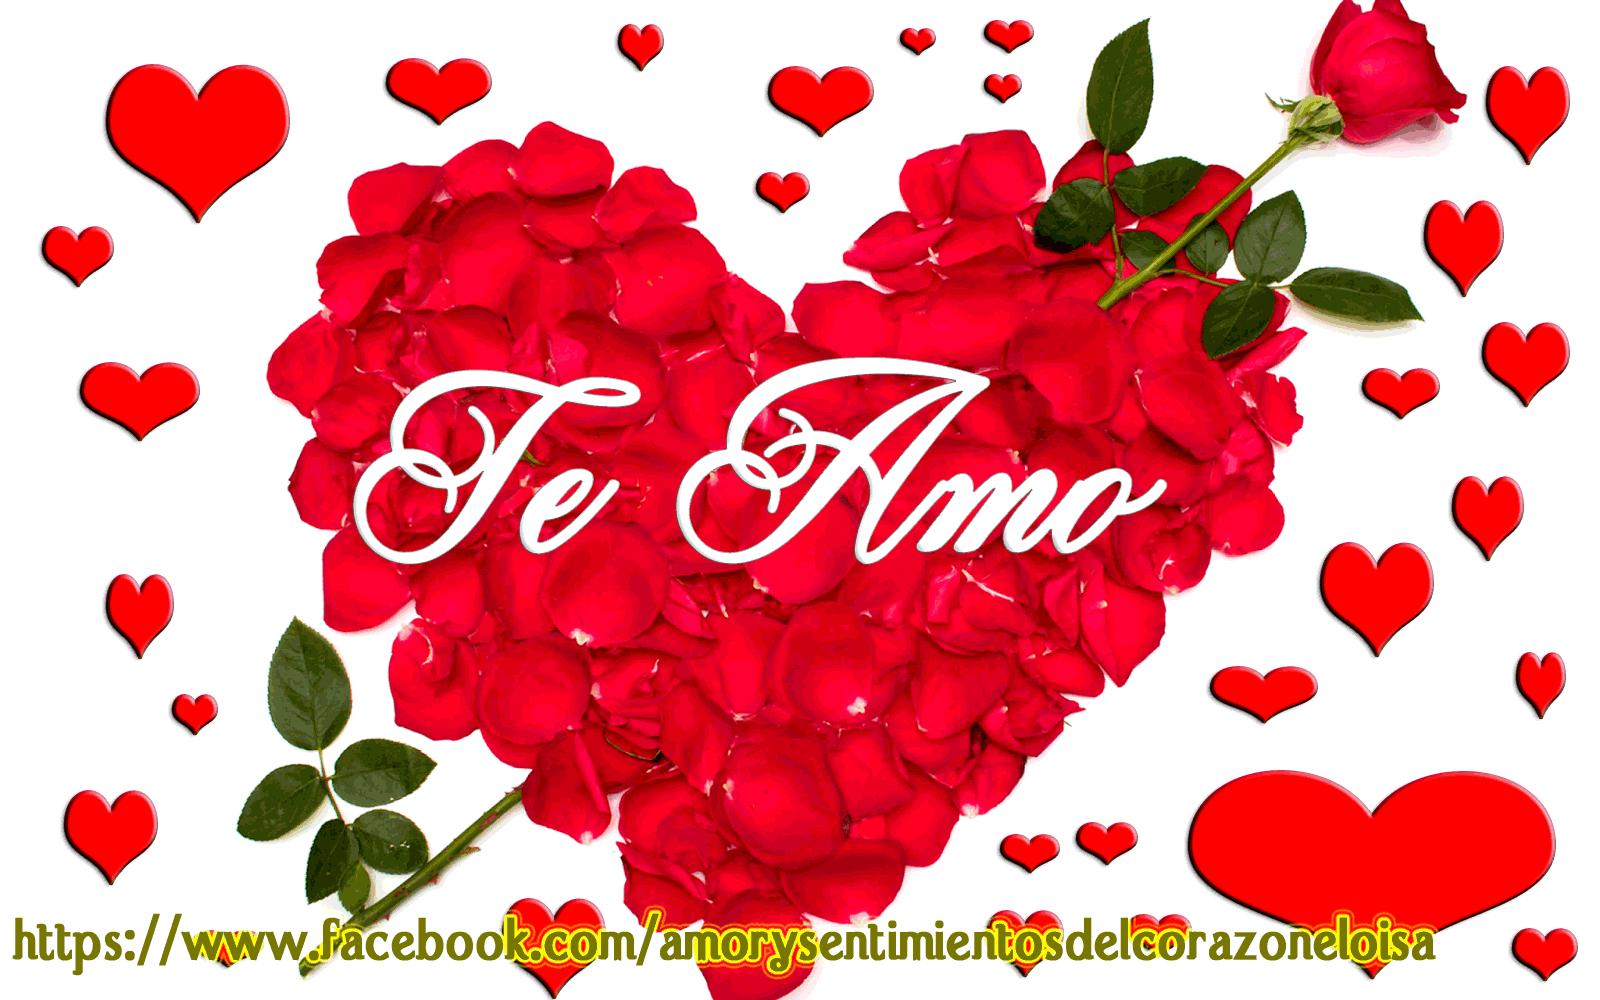 Amor Y Sentimientos Del Corazon Imagens De Amor Frases D Amor Amor